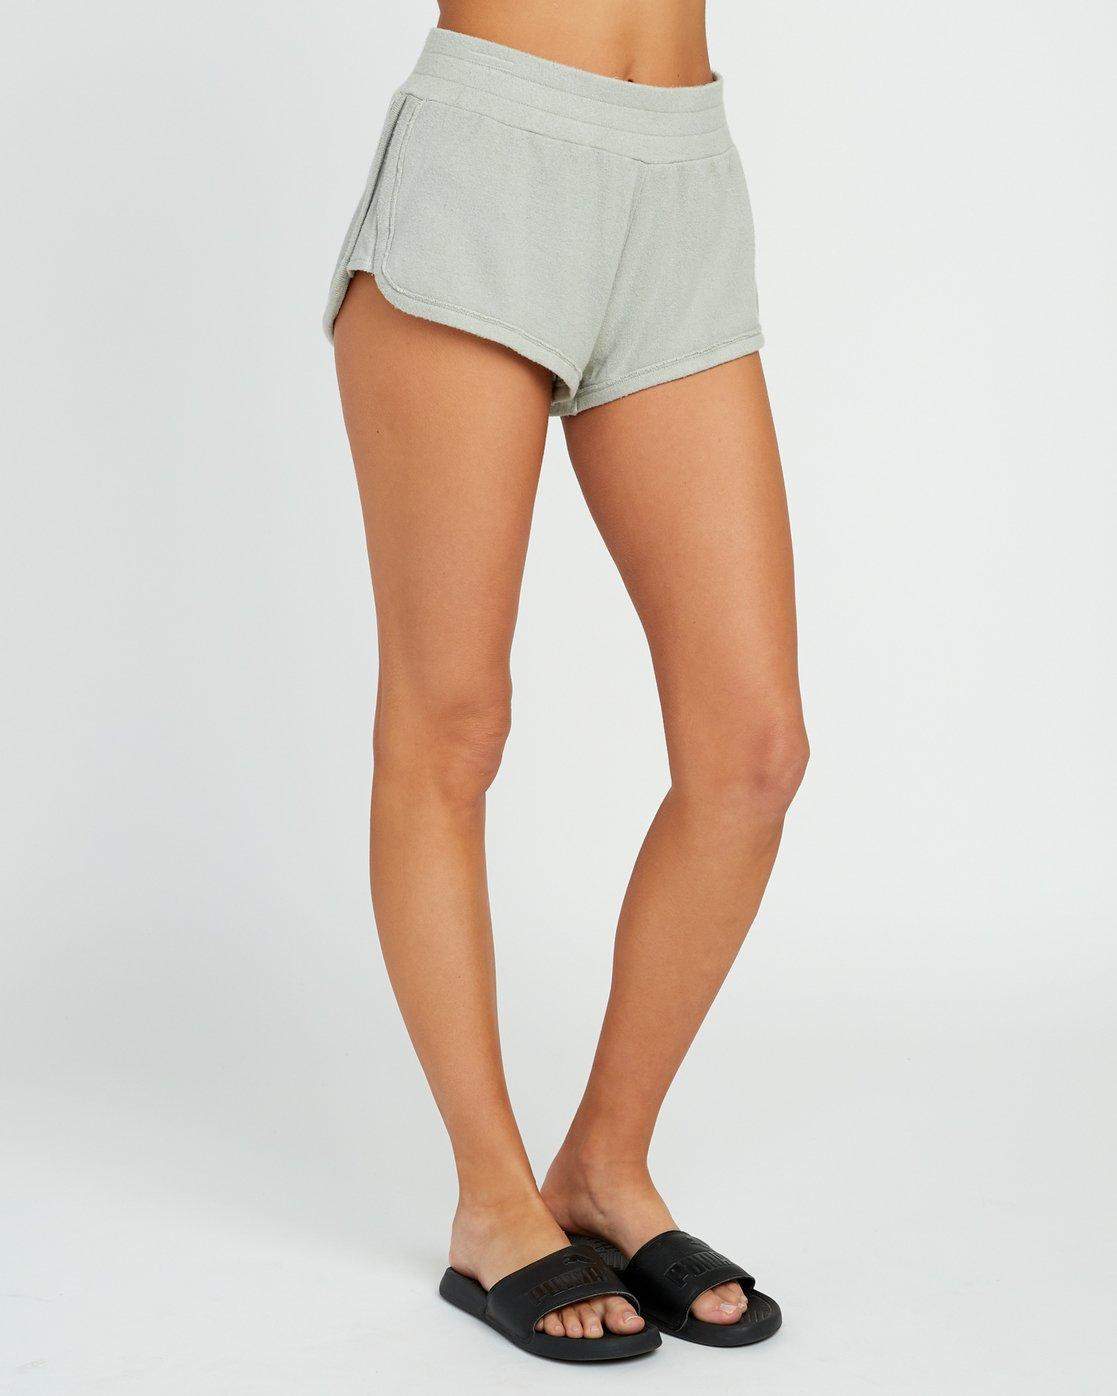 5 Daydream Knit Elastic Short Green WL07URDS RVCA